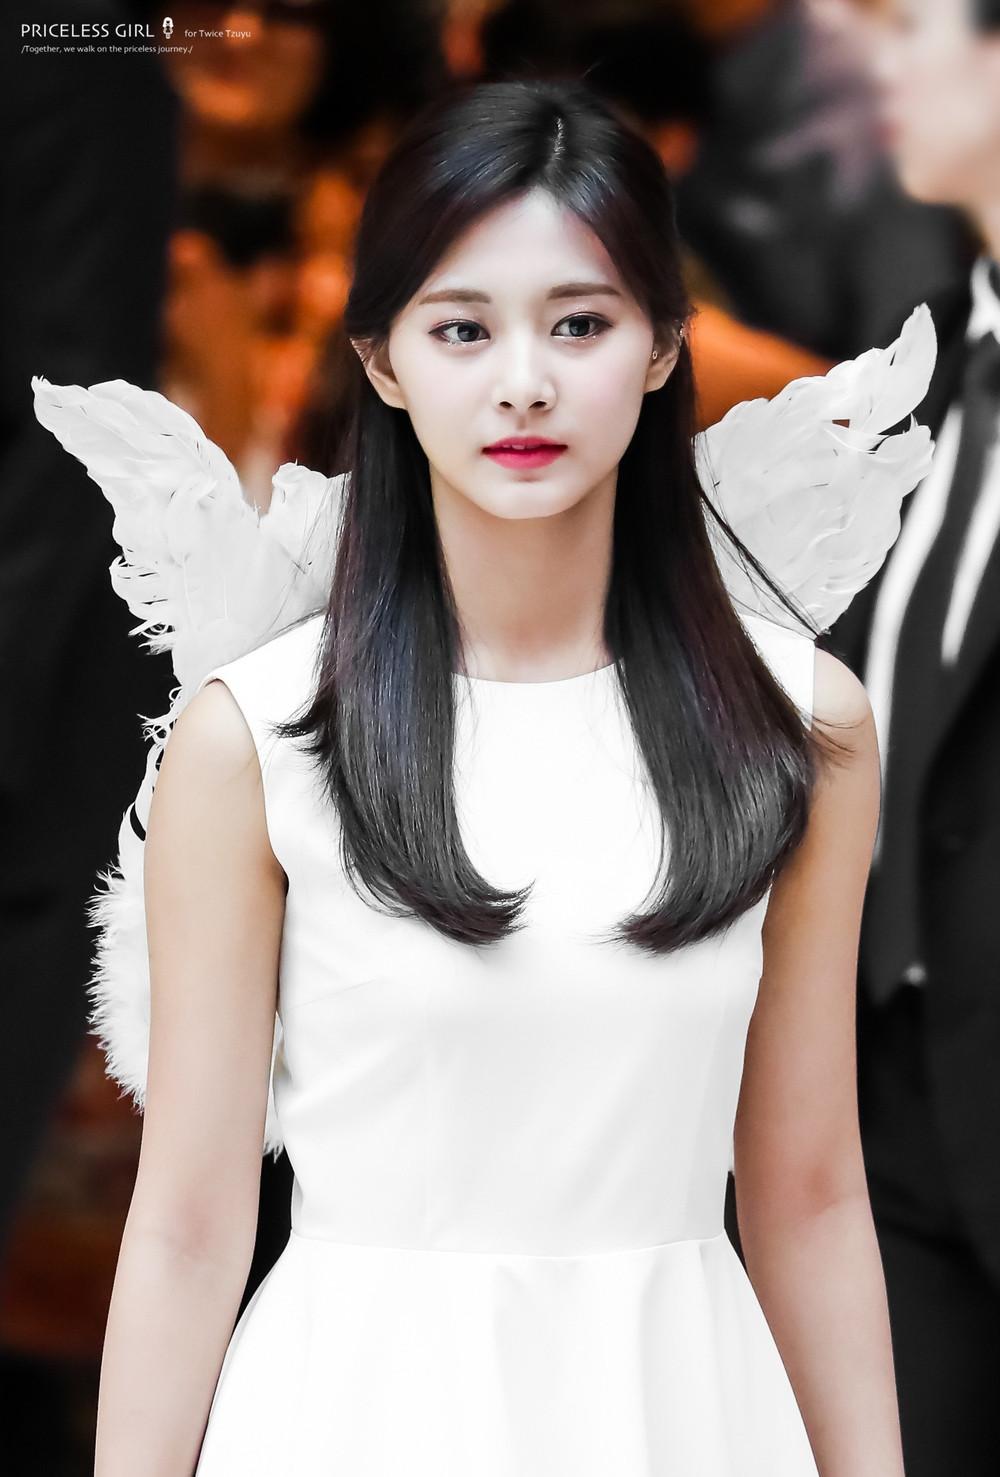 V, Kang Daniel, Tzuyu lọt top đề cử 100 gương mặt đẹp nhất thế giới, Lisa và Jennie vẫn đang chạy nước rút cho vị trí ứng viên